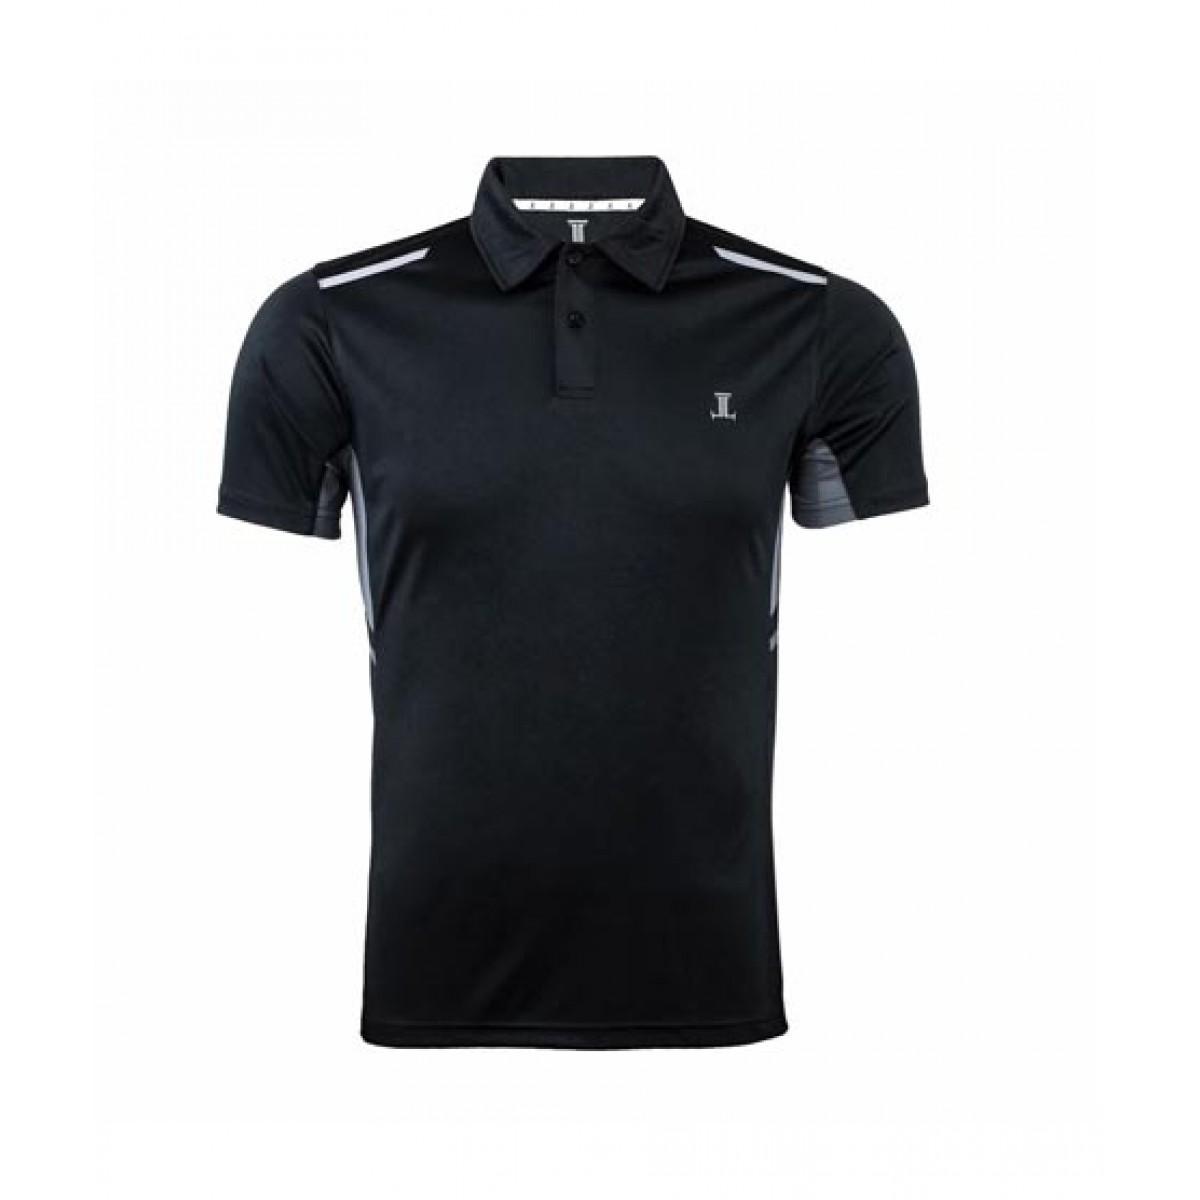 Julke Nate Slim Fit Polo Shirt For Men Black